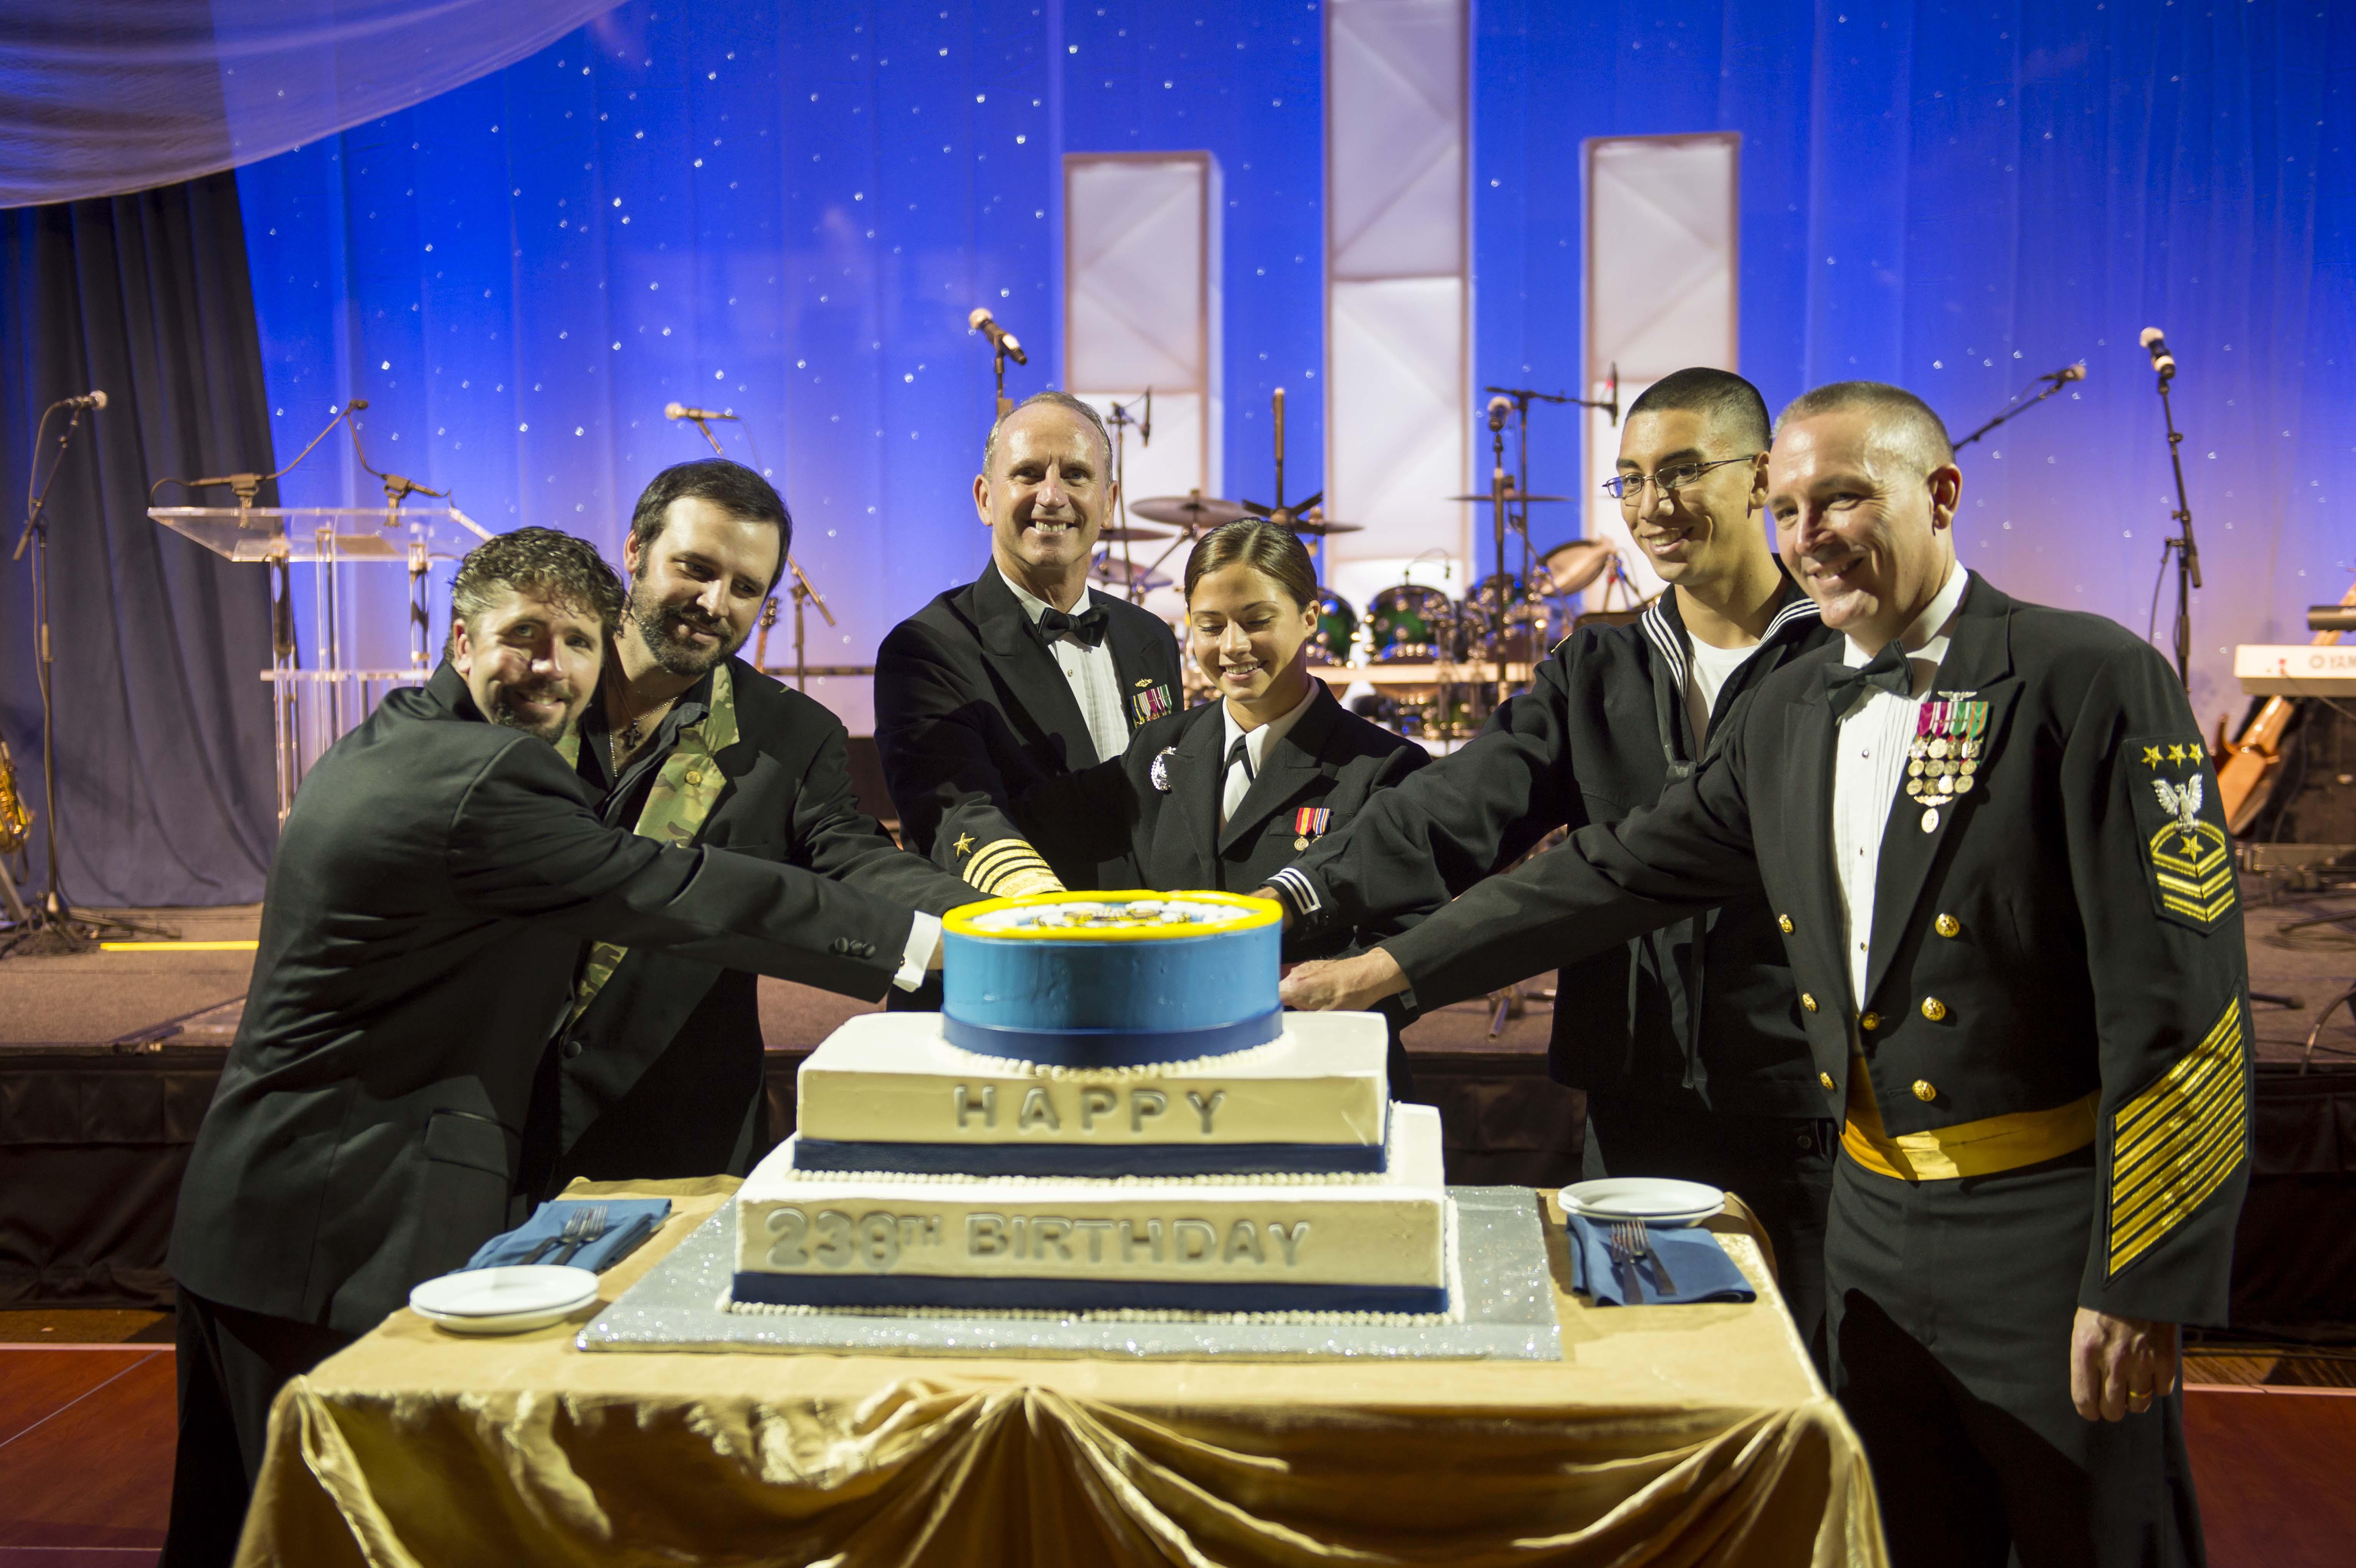 Navy Seal Cake Eater